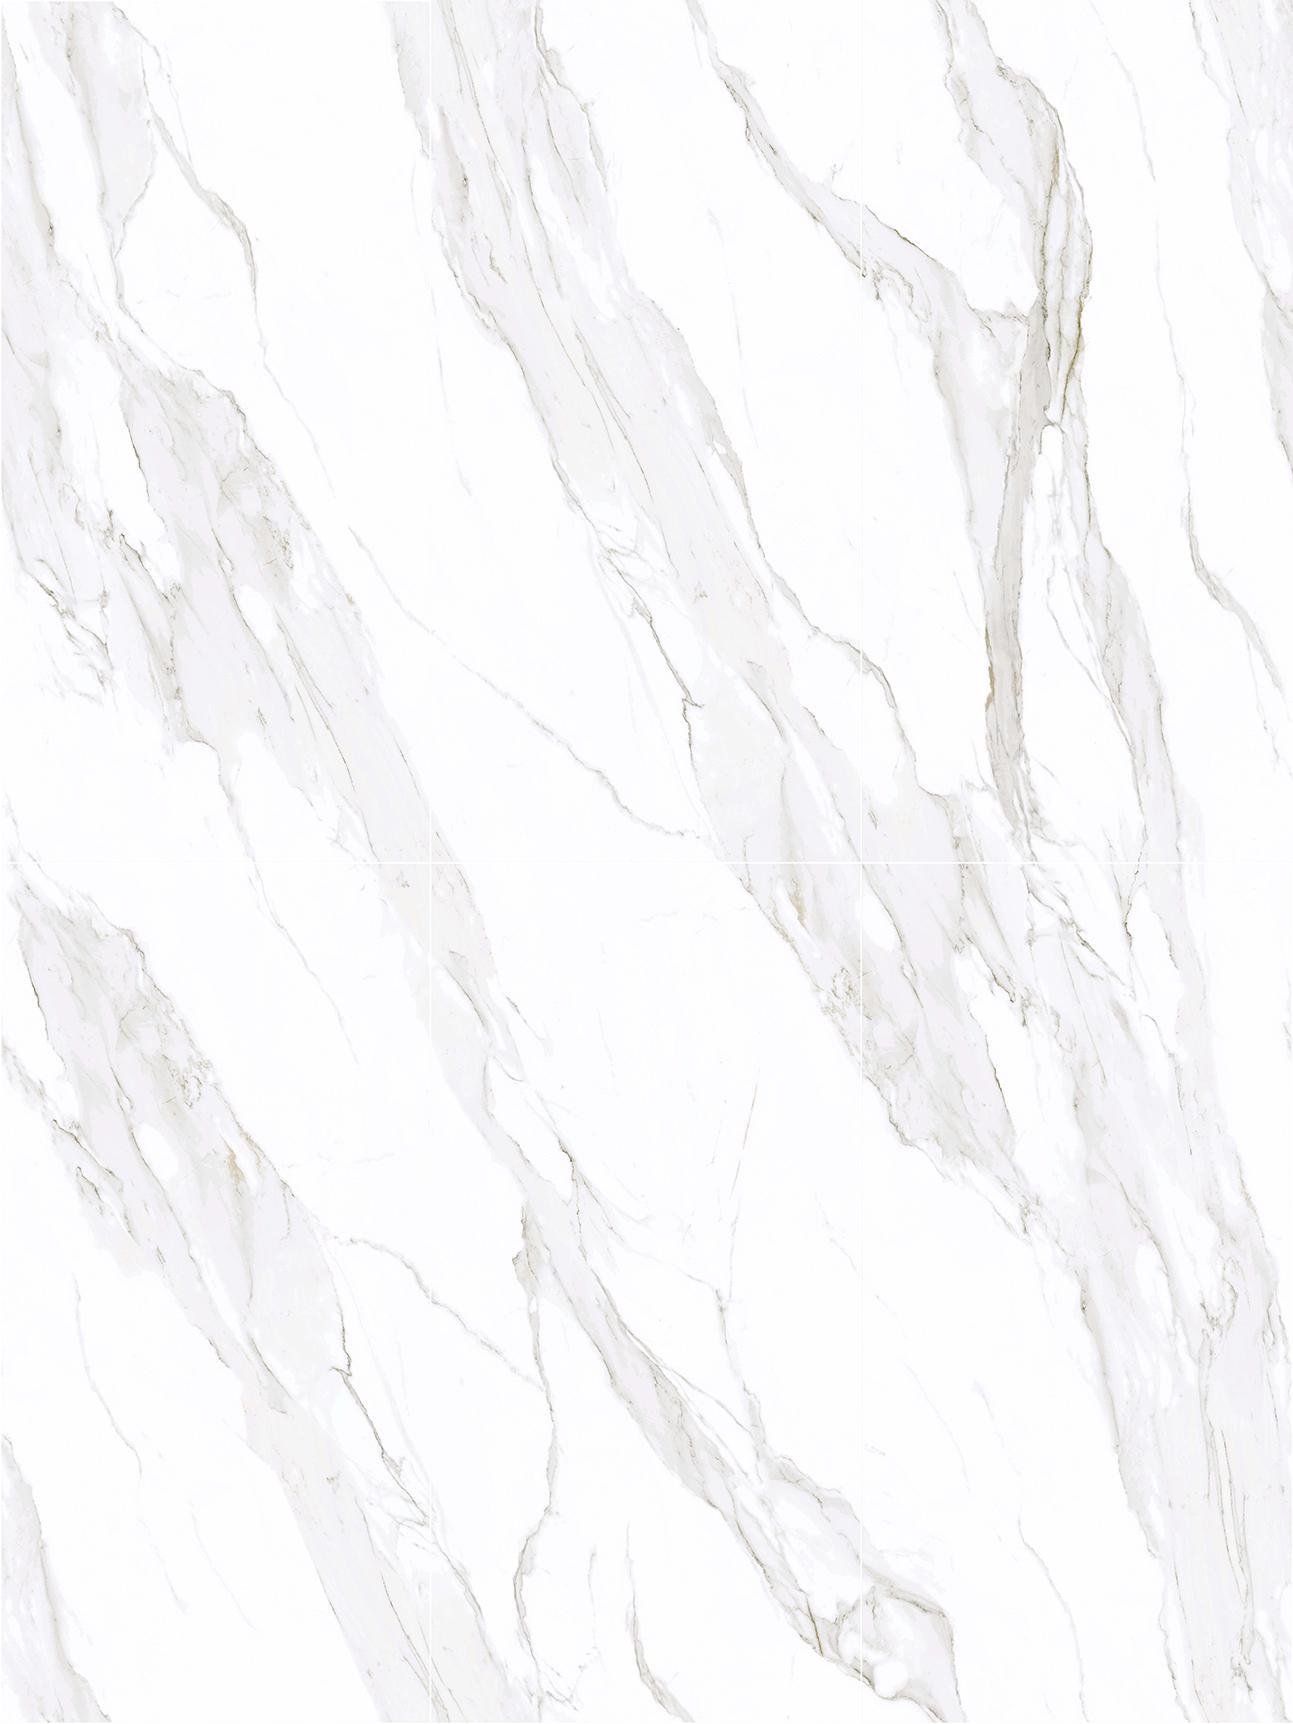 大理石瓷砖冰川白IPGS1890082混铺图